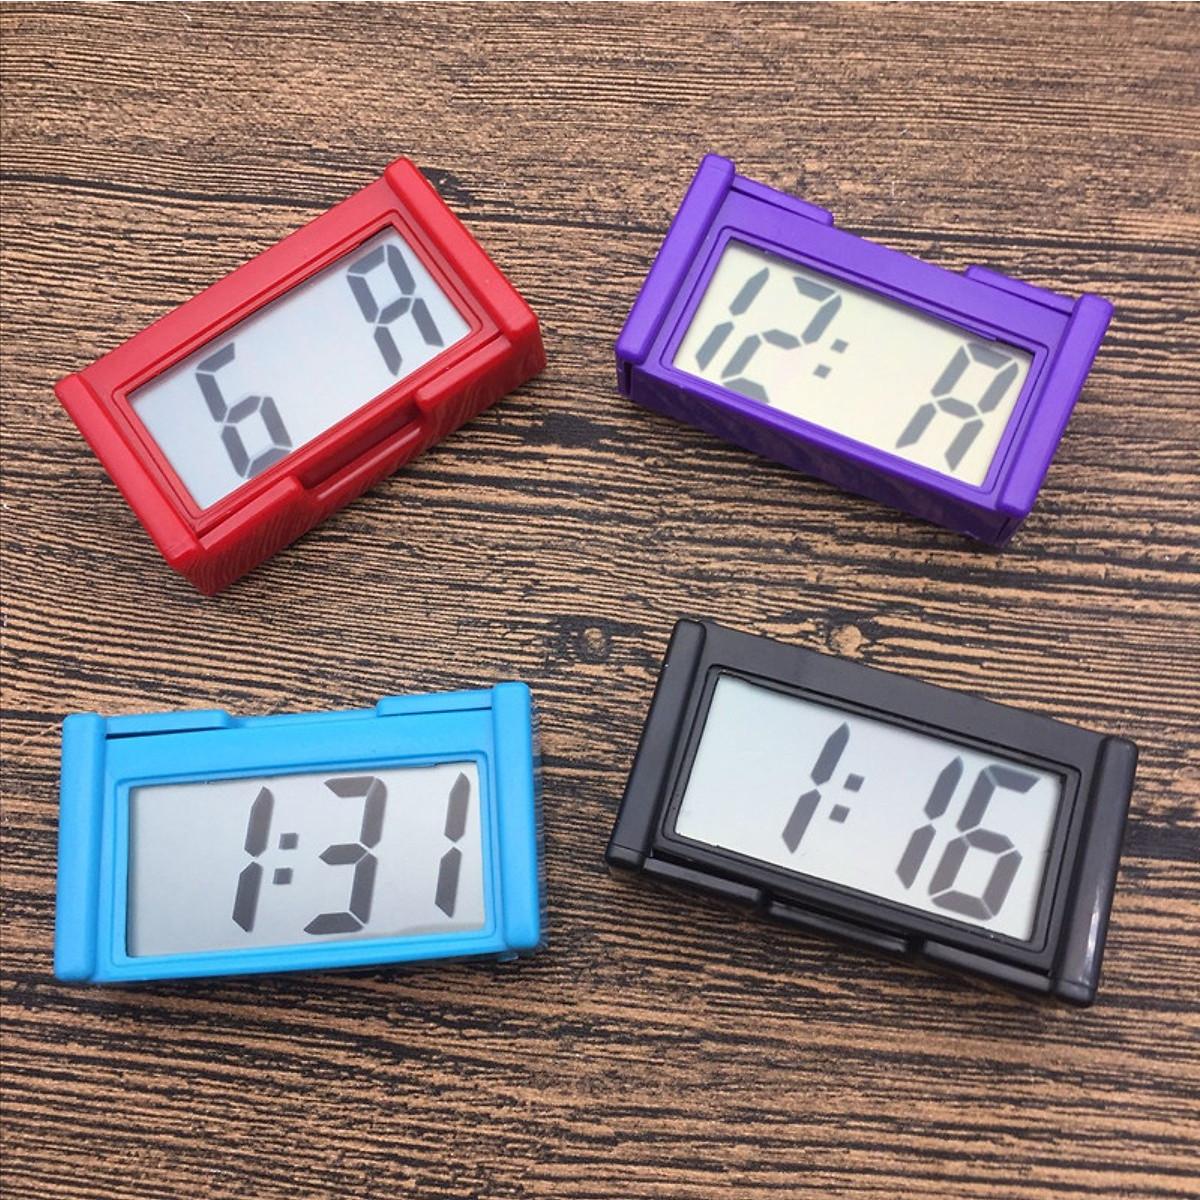 Đồng hồ điện tử BK-208 Canino mini (Màu ngẫu nhiên)